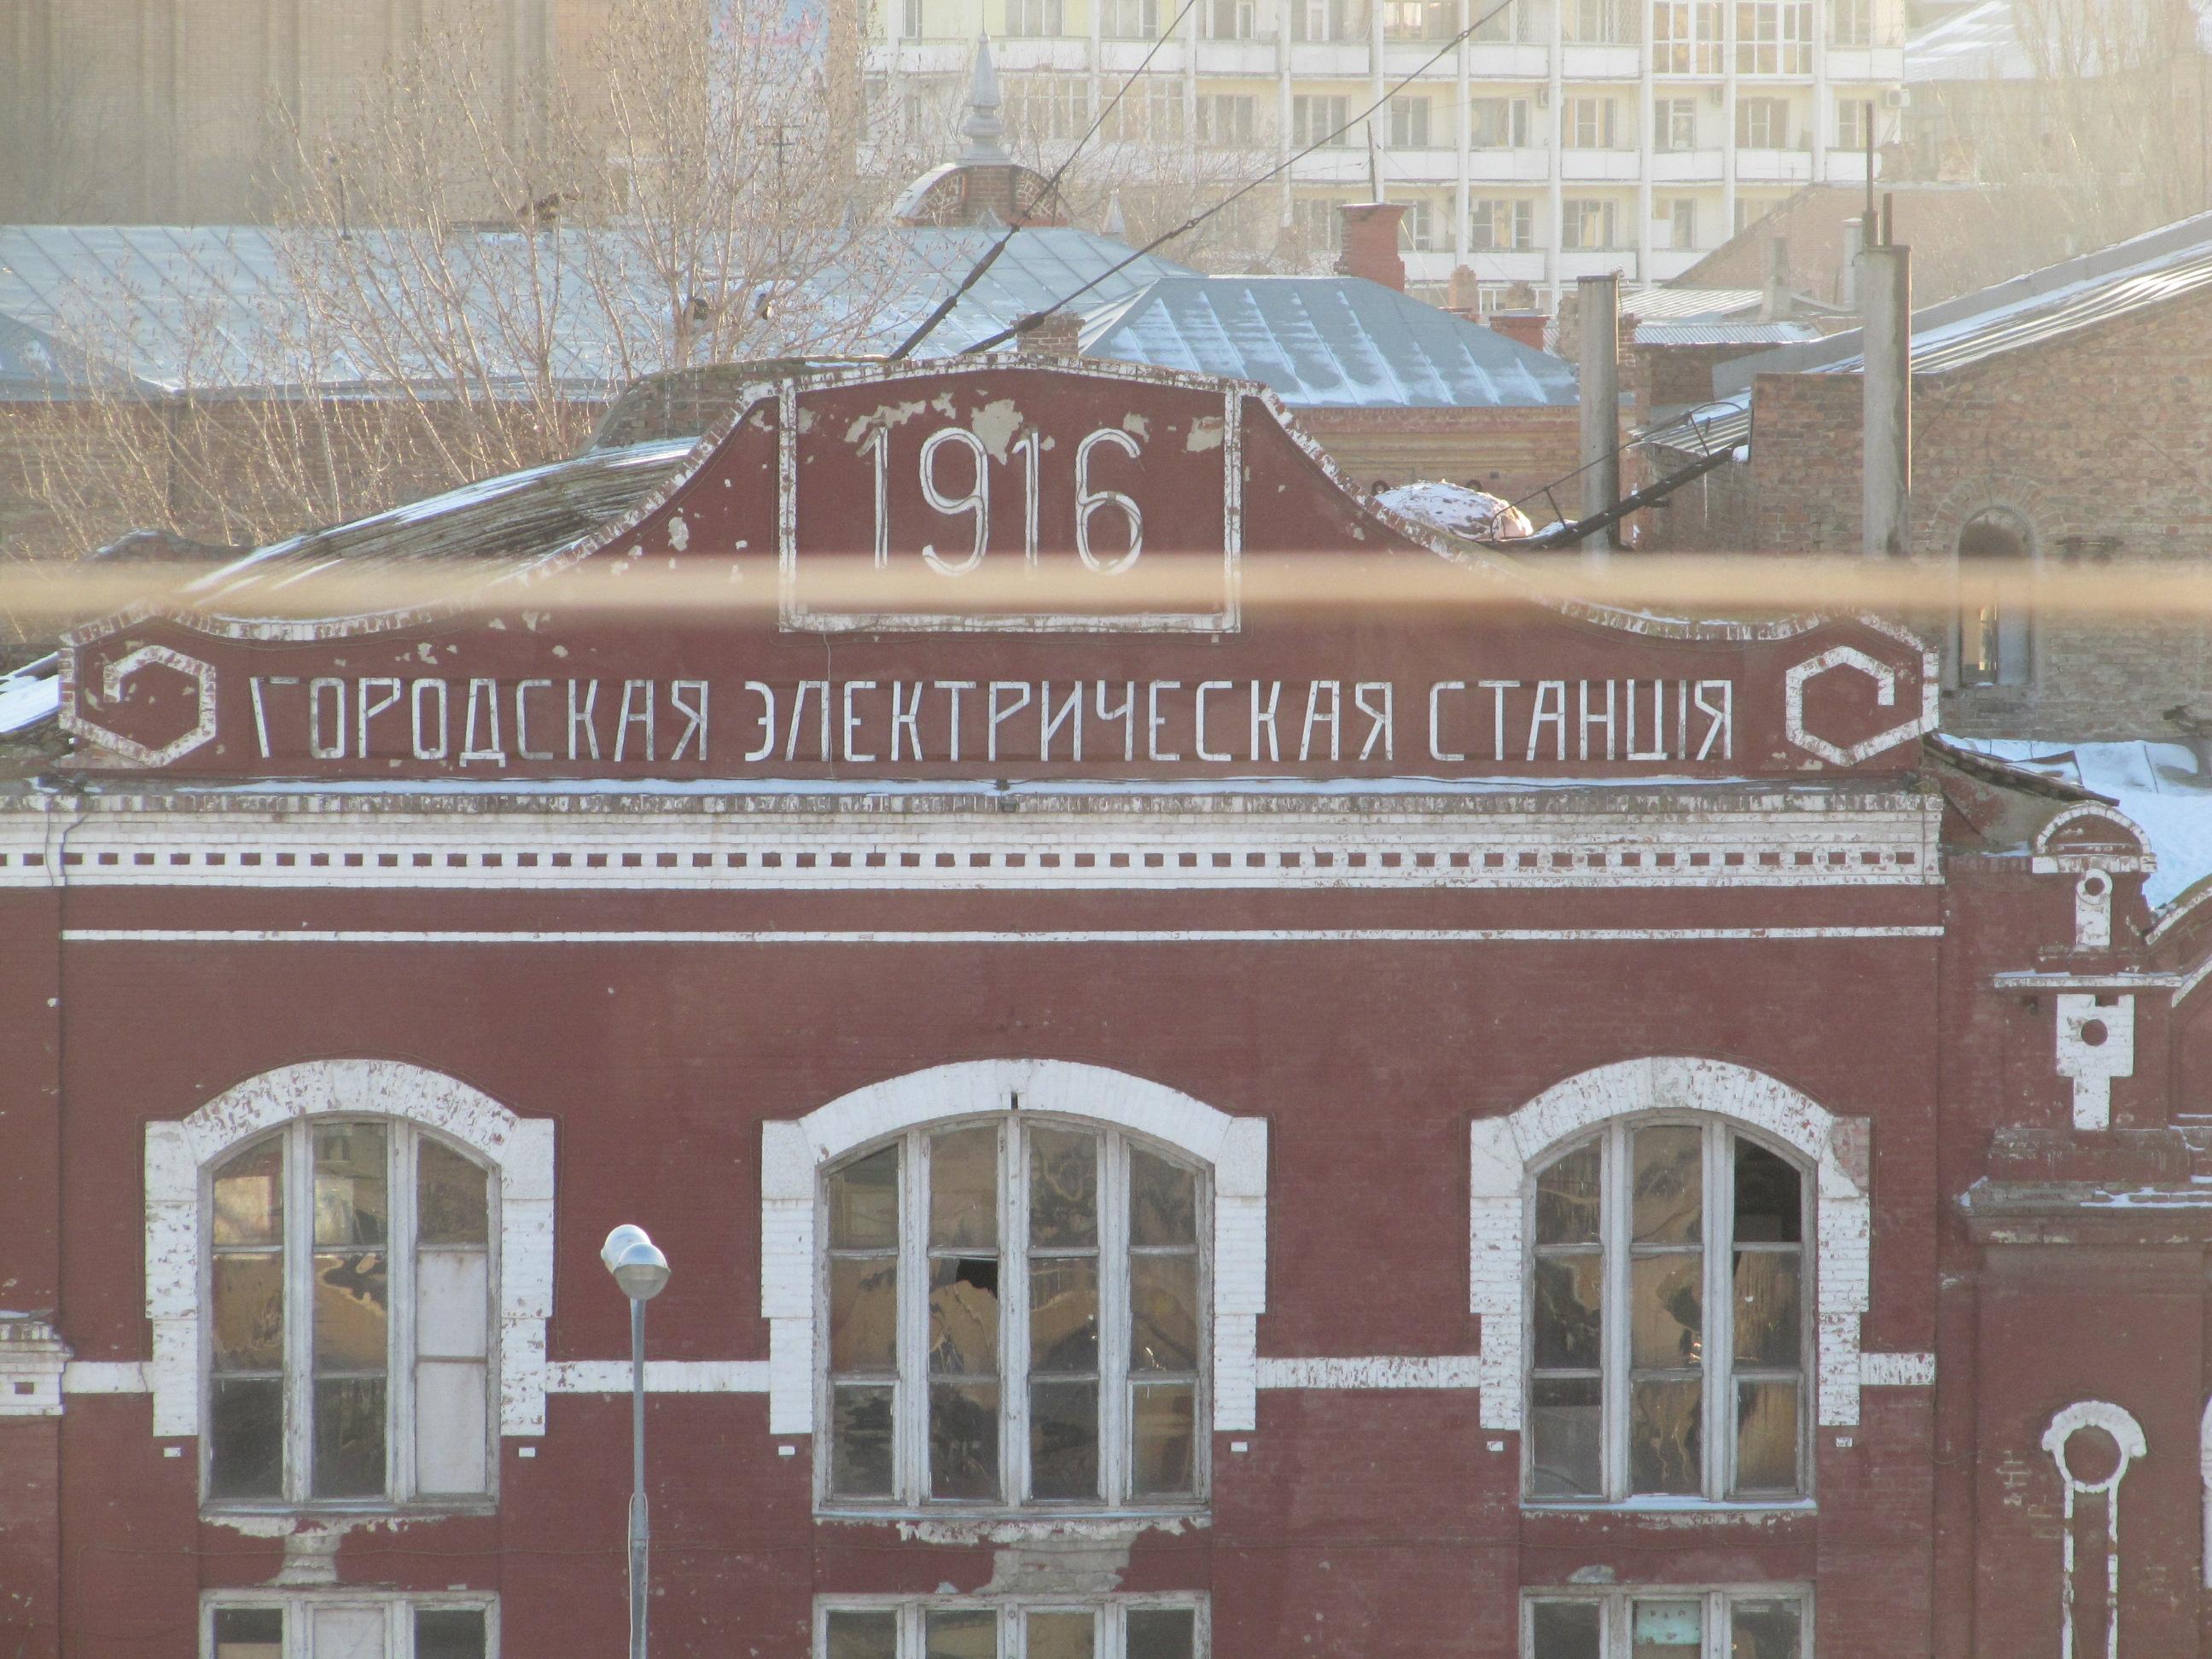 http://s1.uploads.ru/BIYSz.jpg